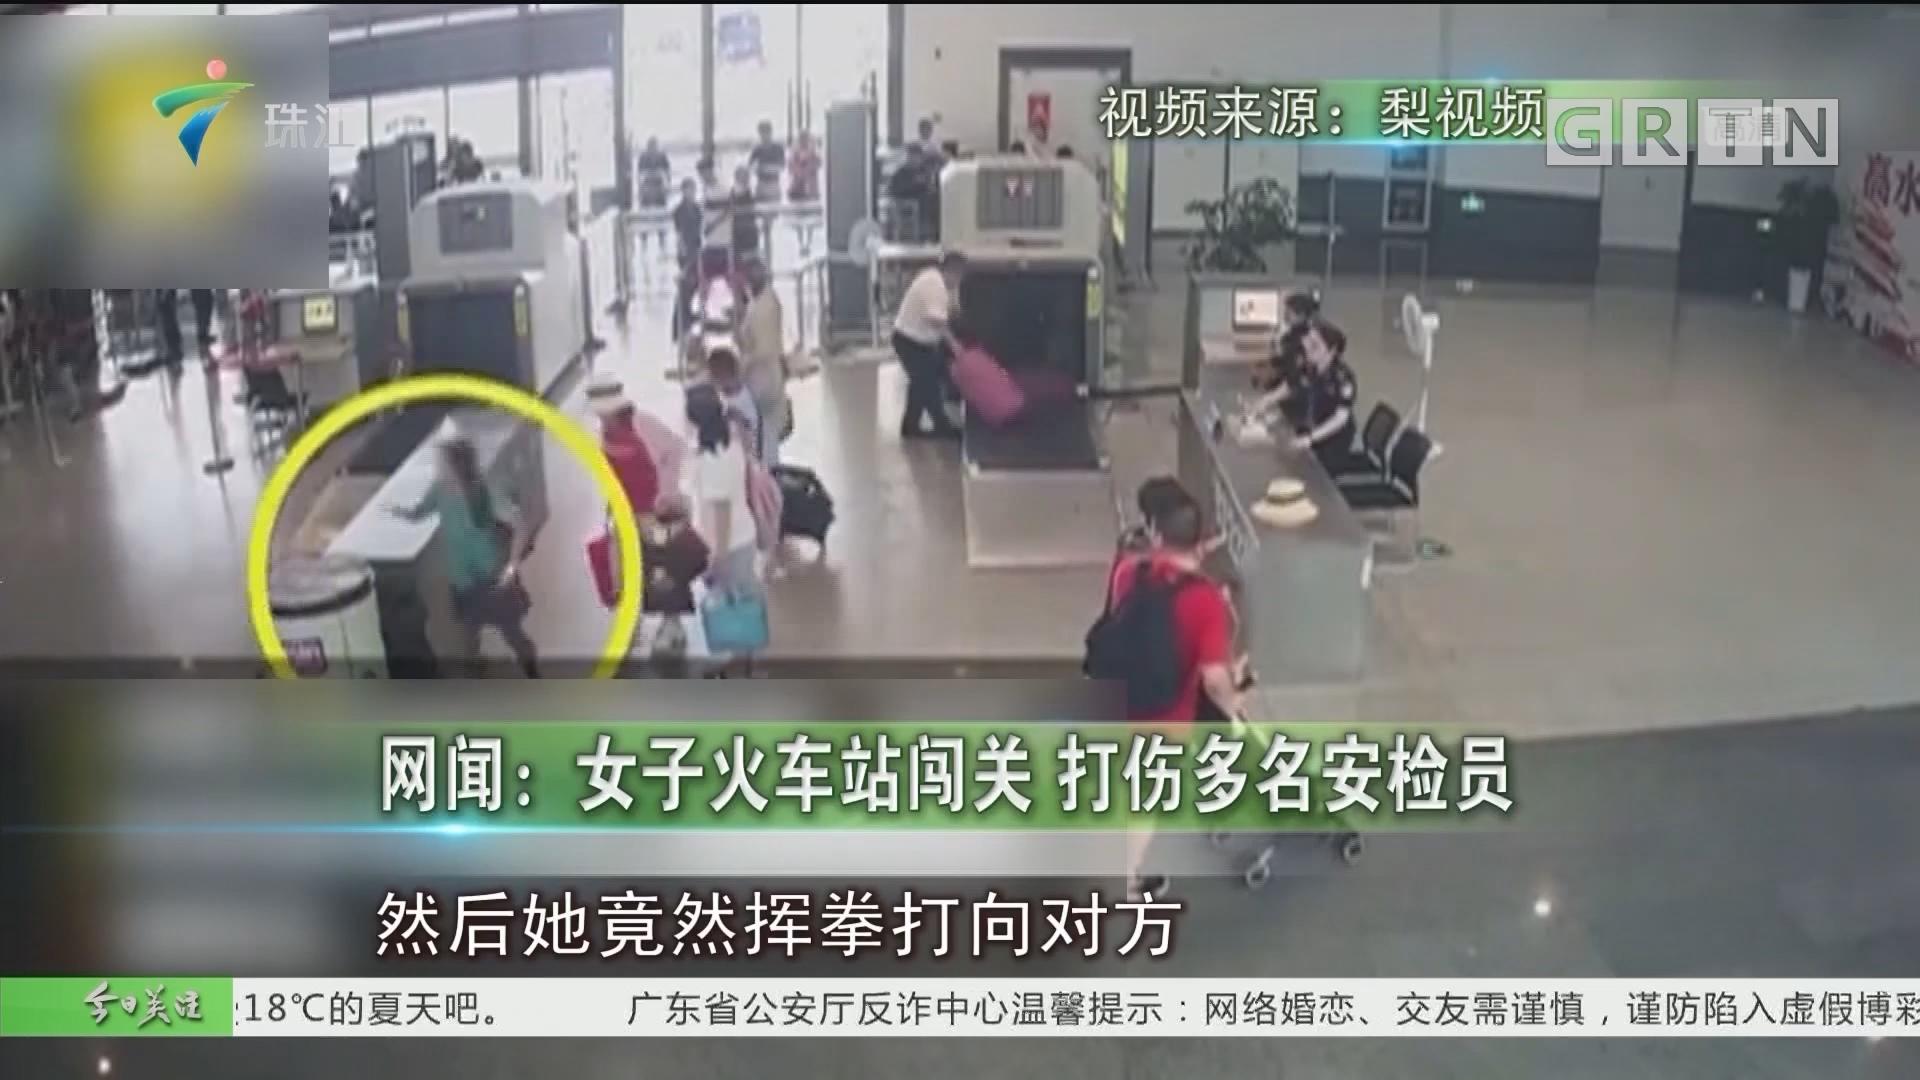 网闻:女子火车站闯关 打伤多名安检员